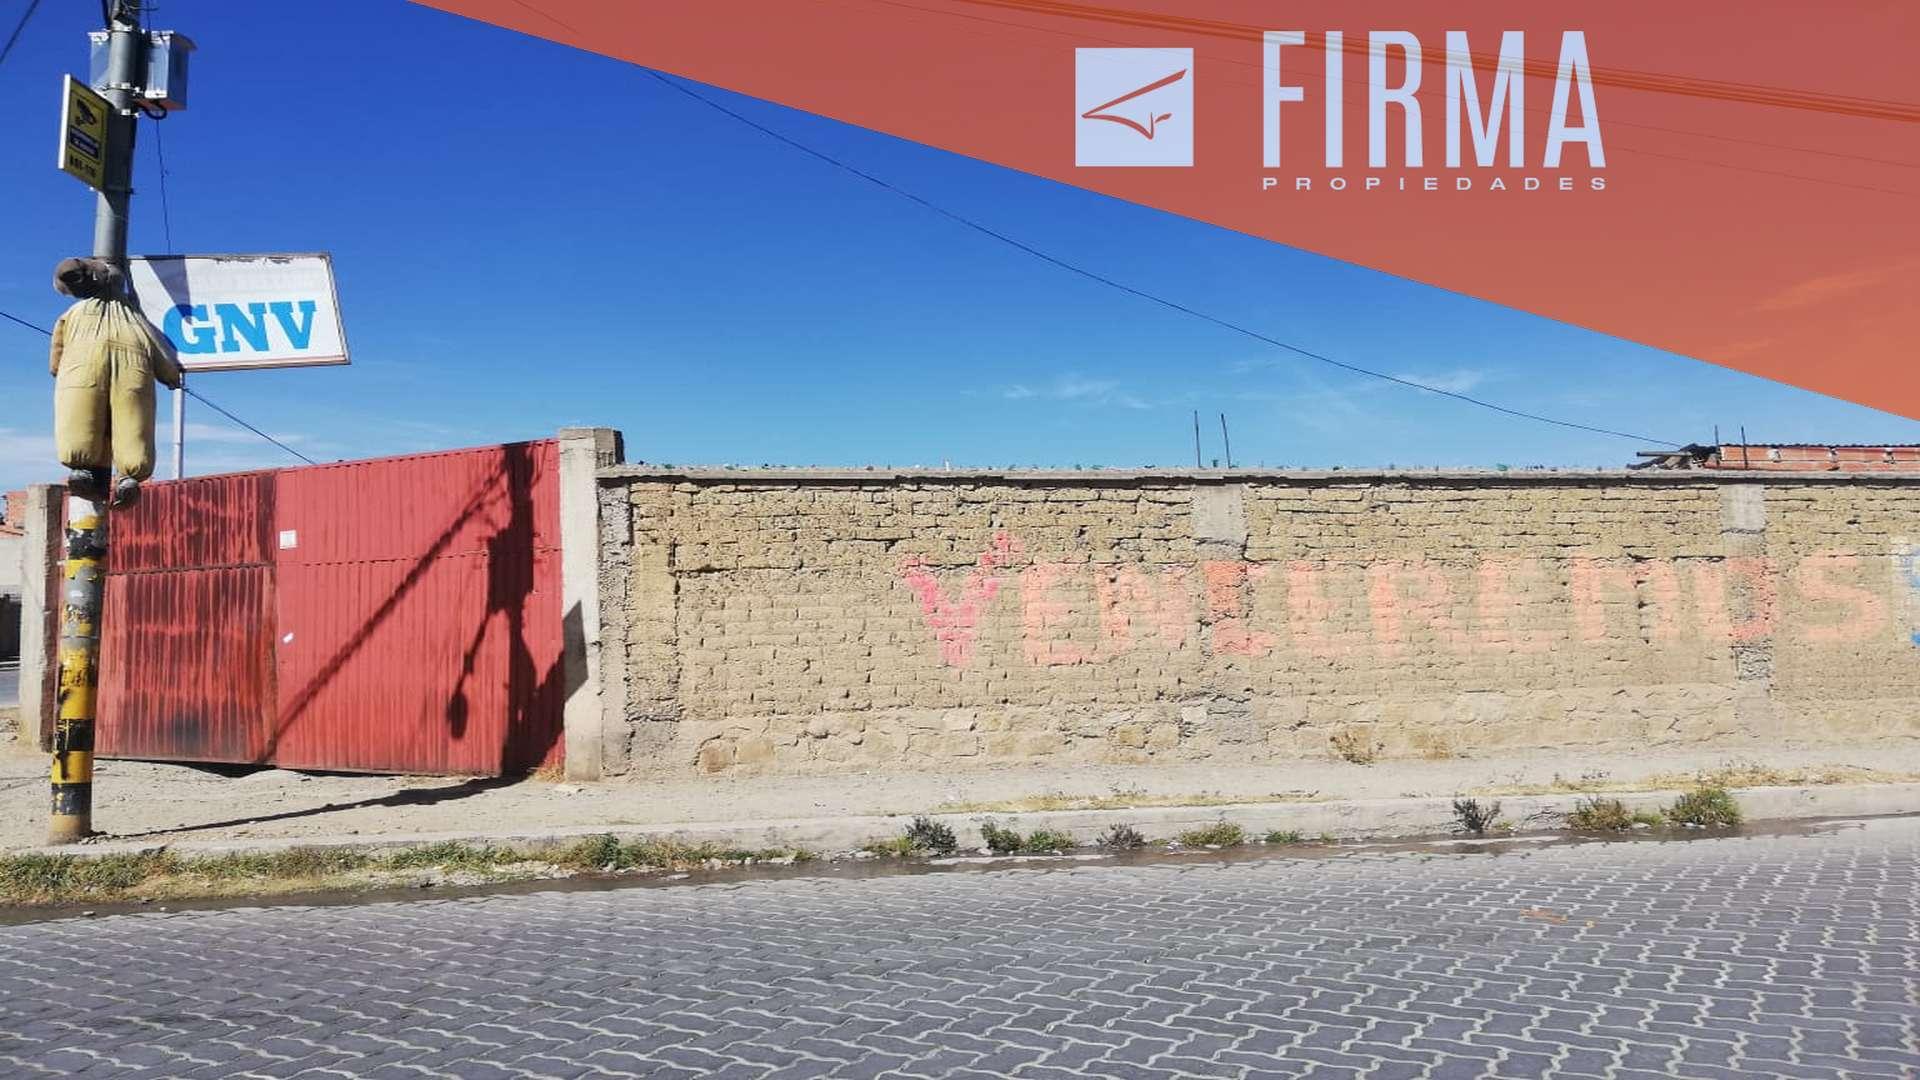 Terreno en Venta FTV36593 – COMPRA TU TERRENO EN EL ALTO Foto 7